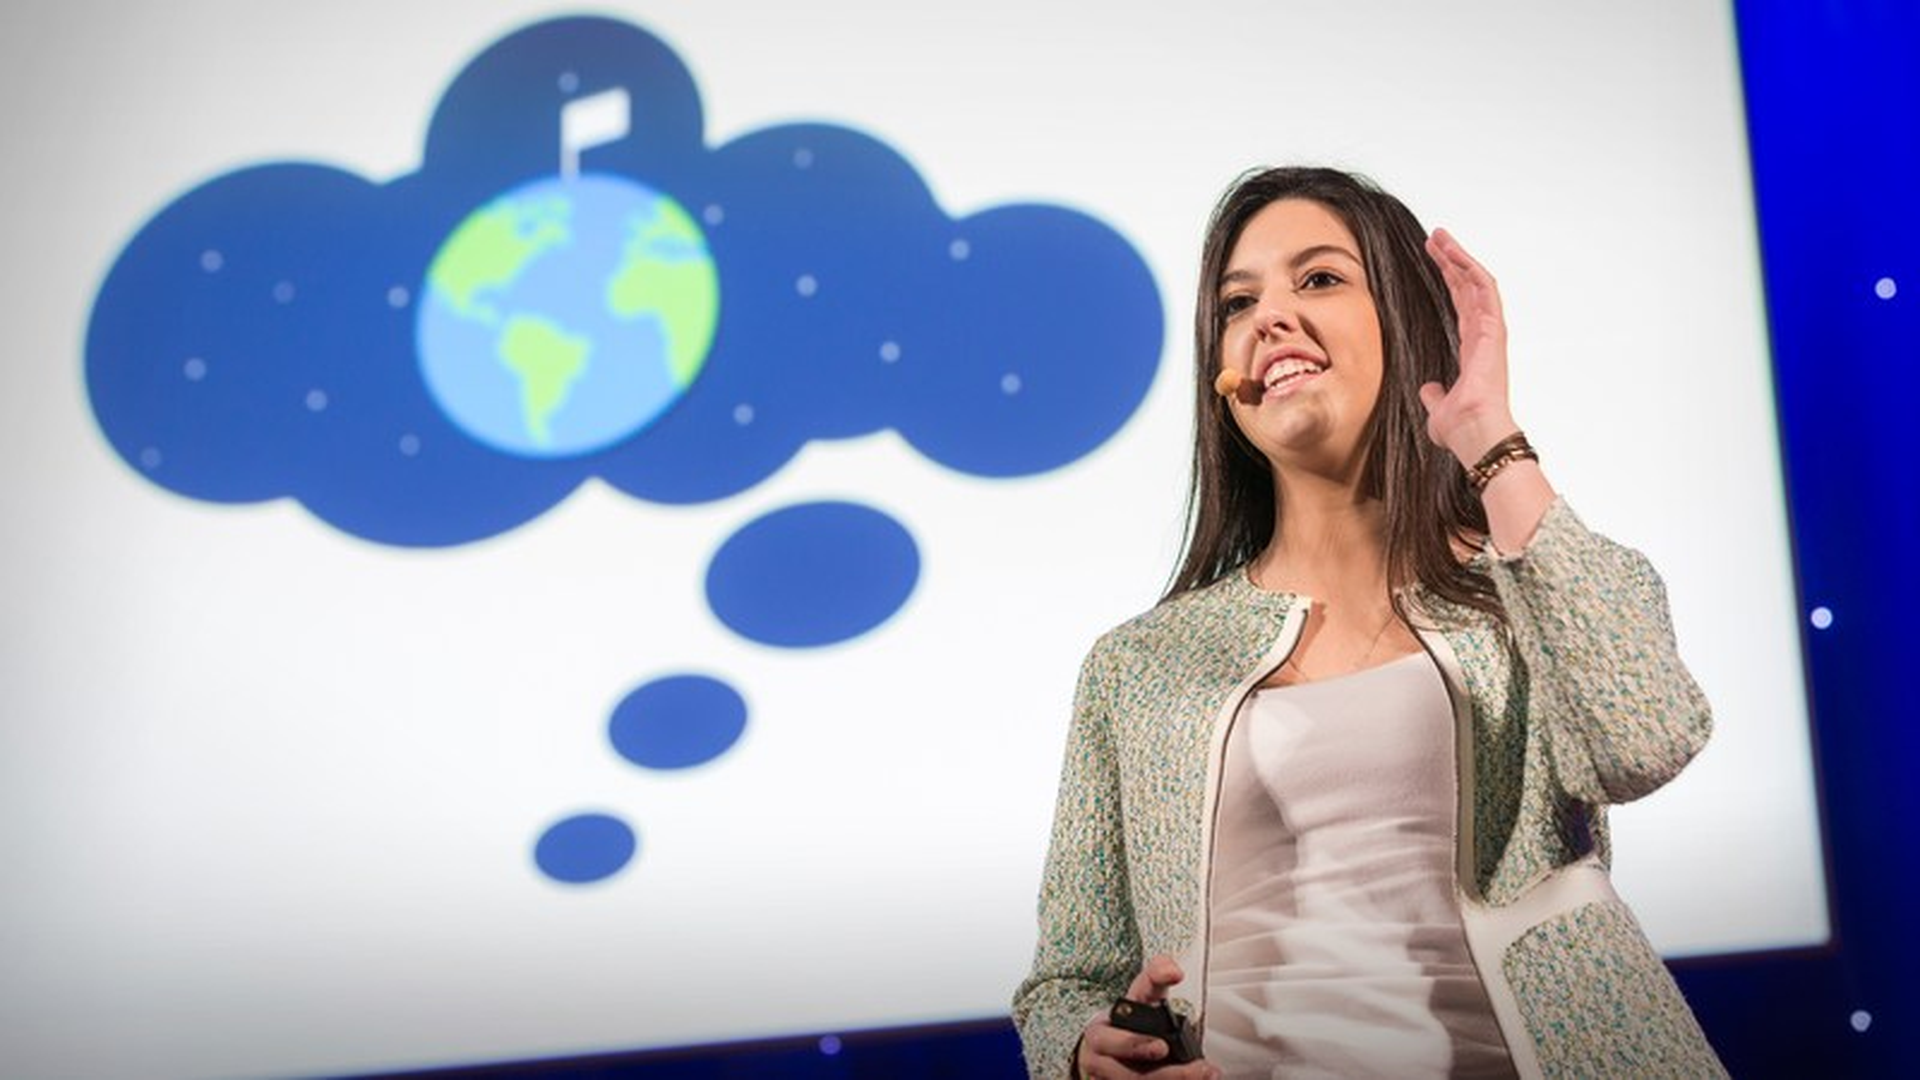 پنج راه برای بر باد دادن رویاهایتان | فیلم